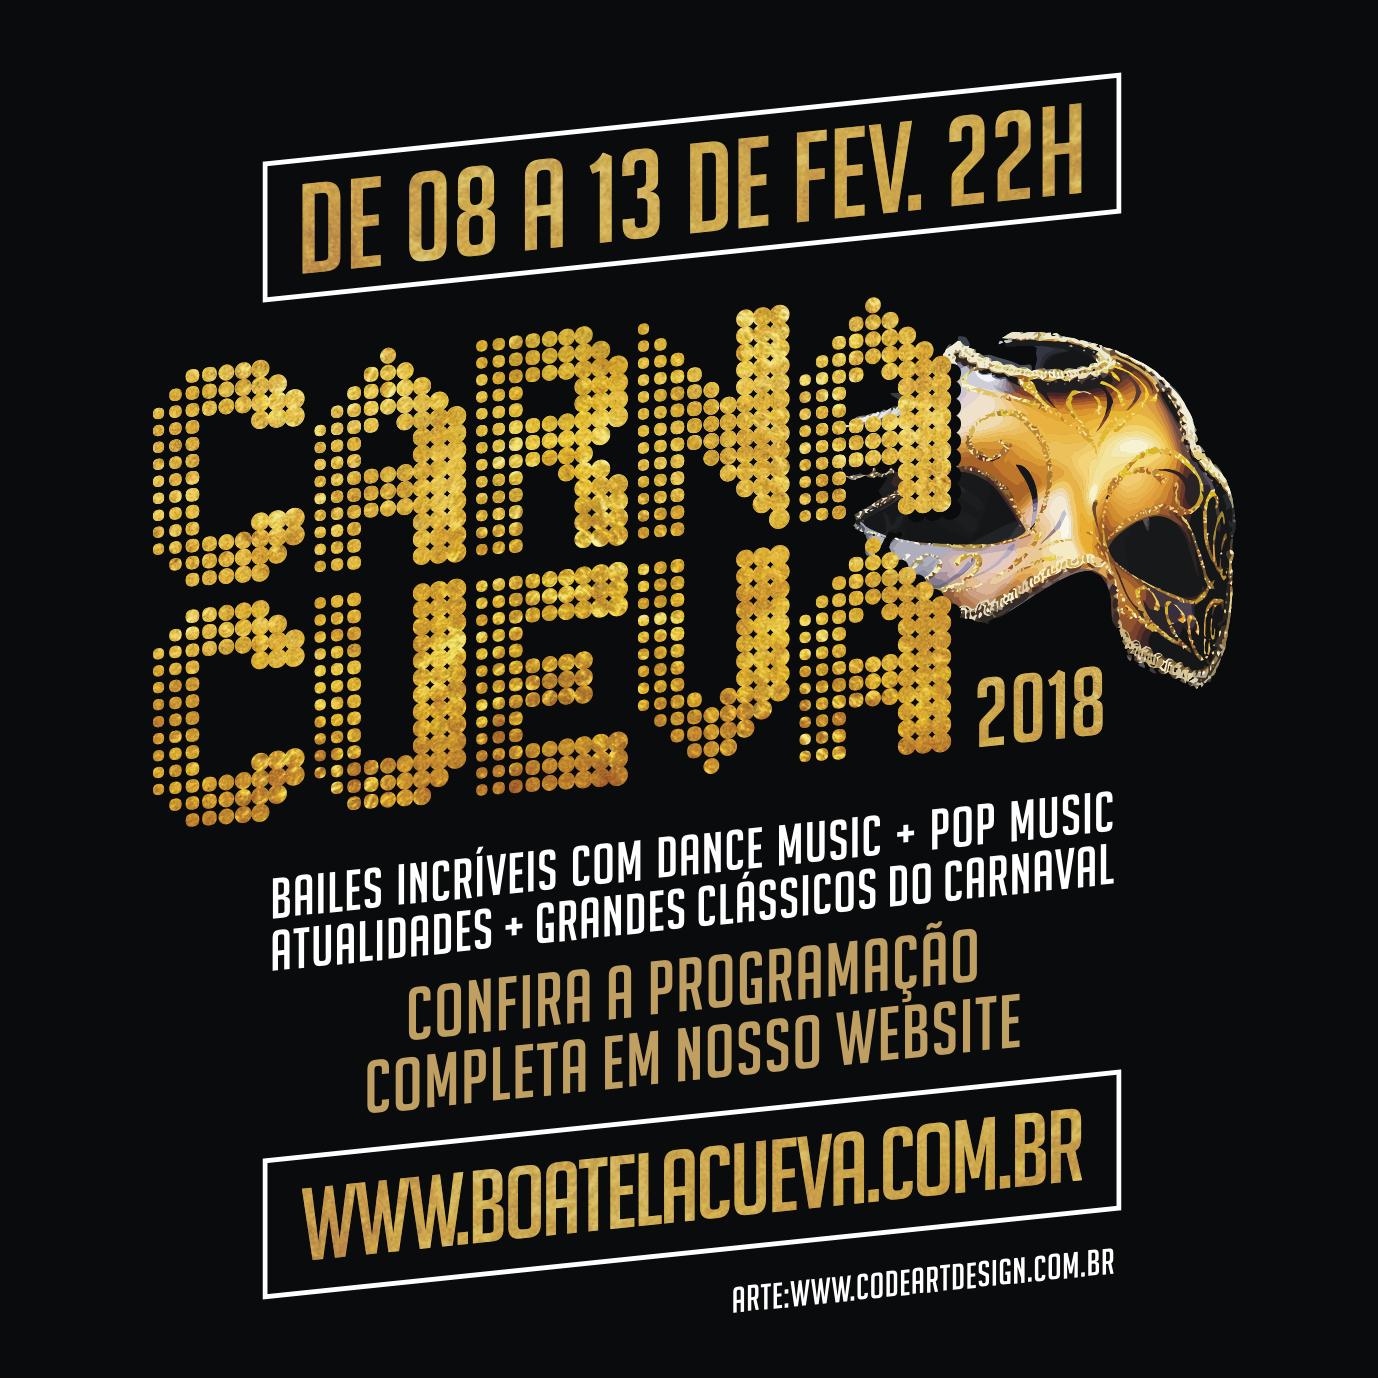 DE 08 A 13/02 CARNACUEVA 2018